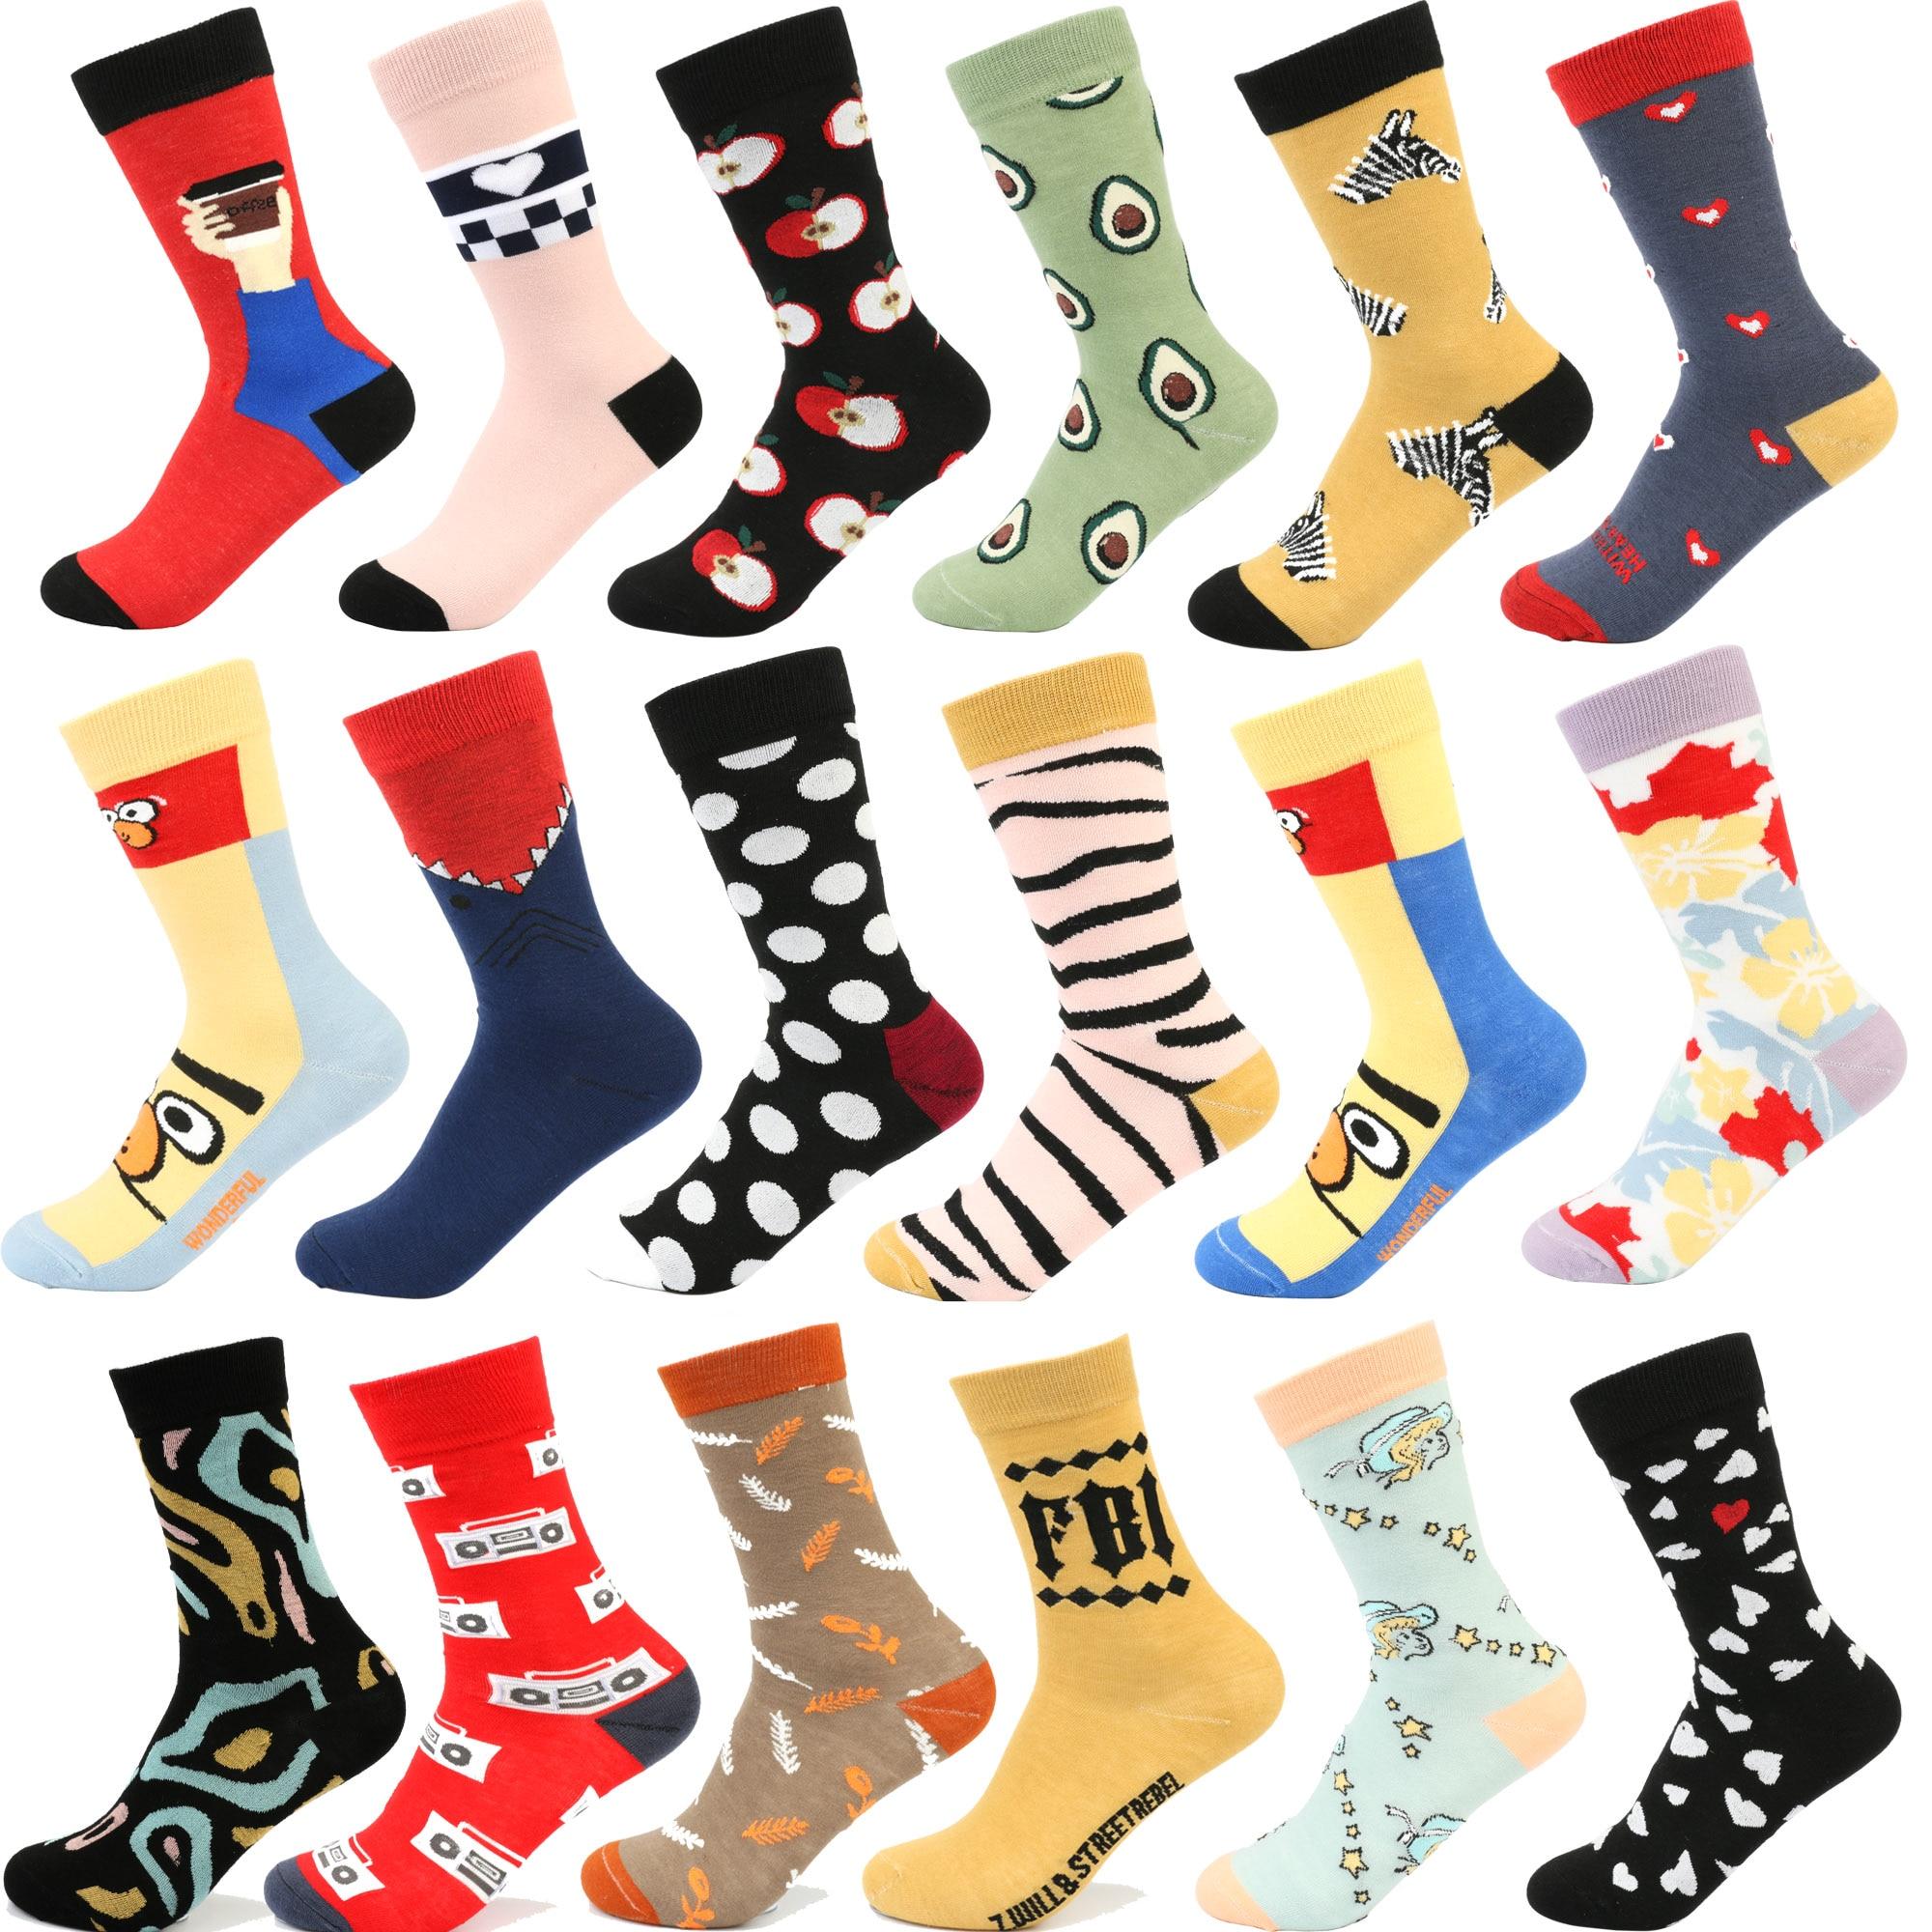 Socks Funny Cute Colorful Cotton Socks Shark Skull Pattern Long Tube Happy Women Socks Japanese Novelty Crazy Socks